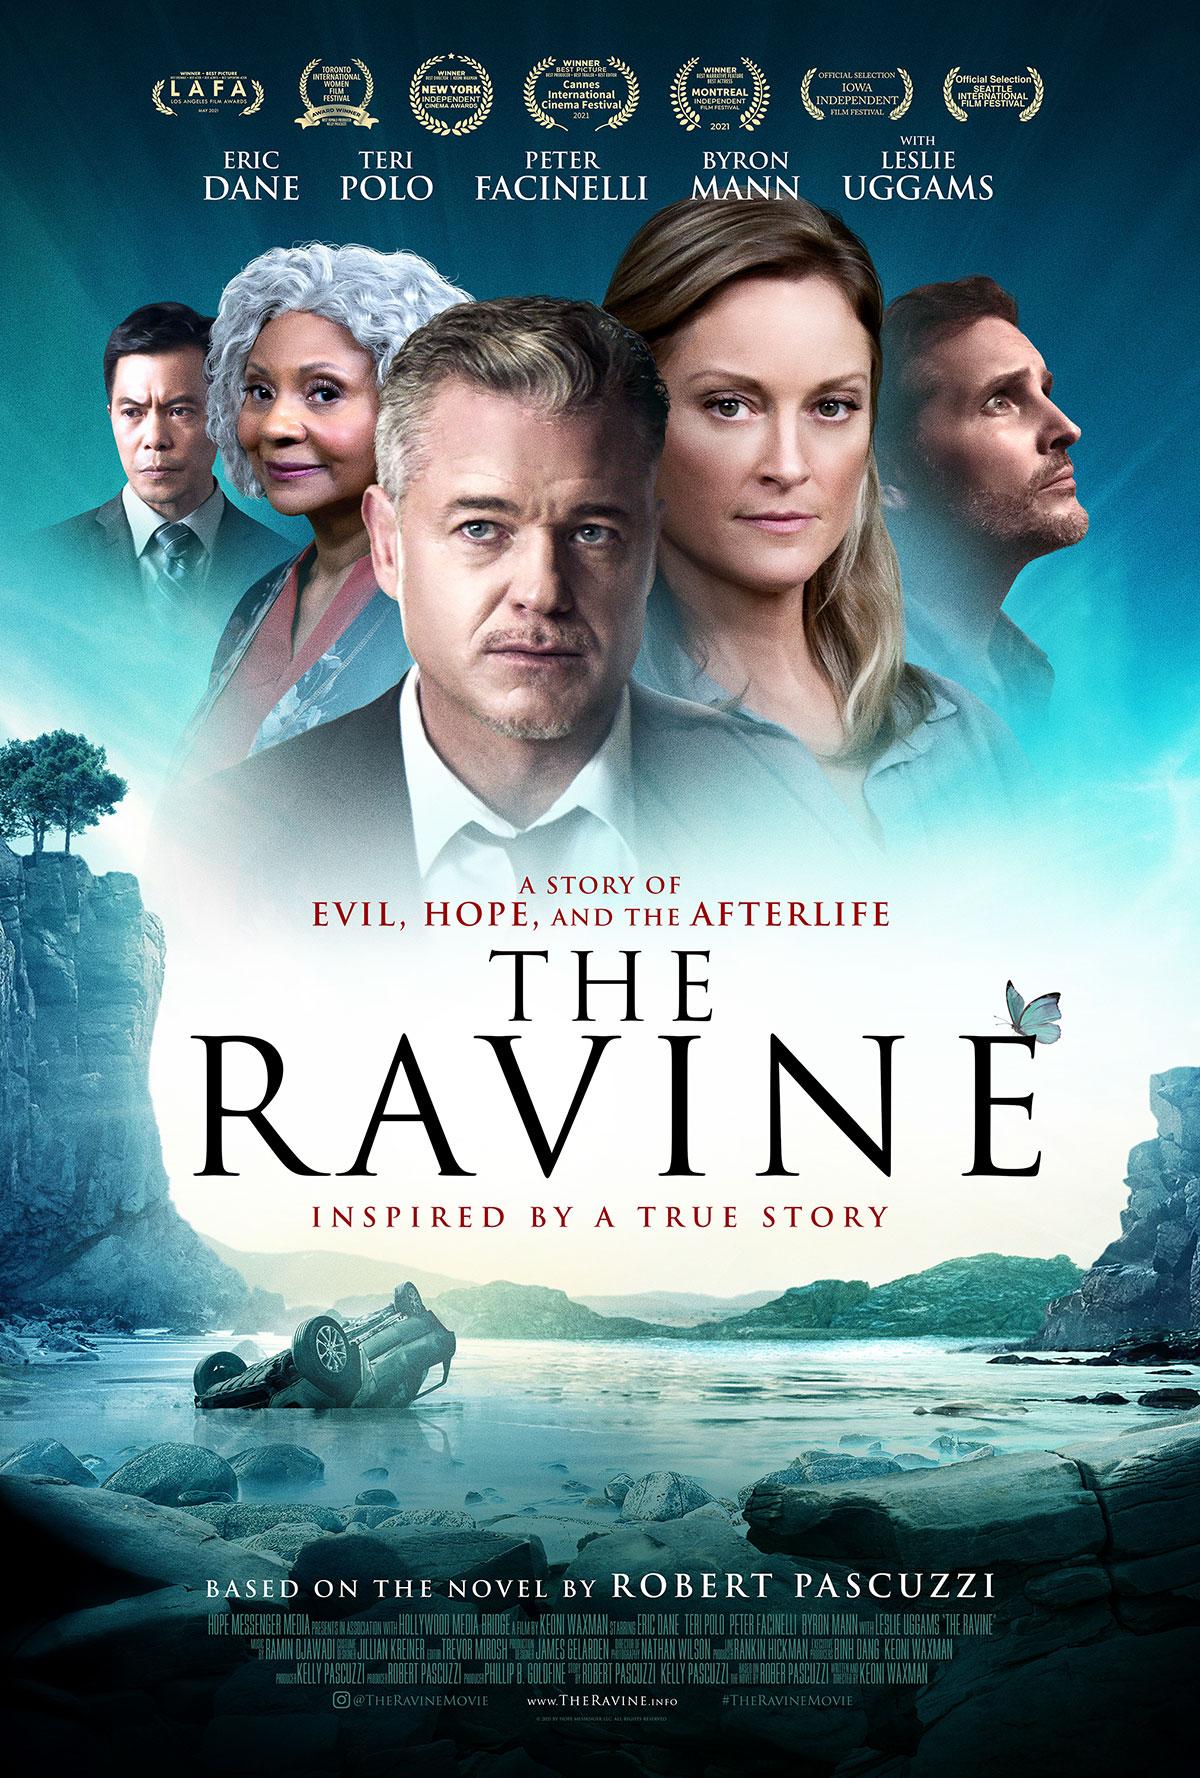 The Ravine book cover